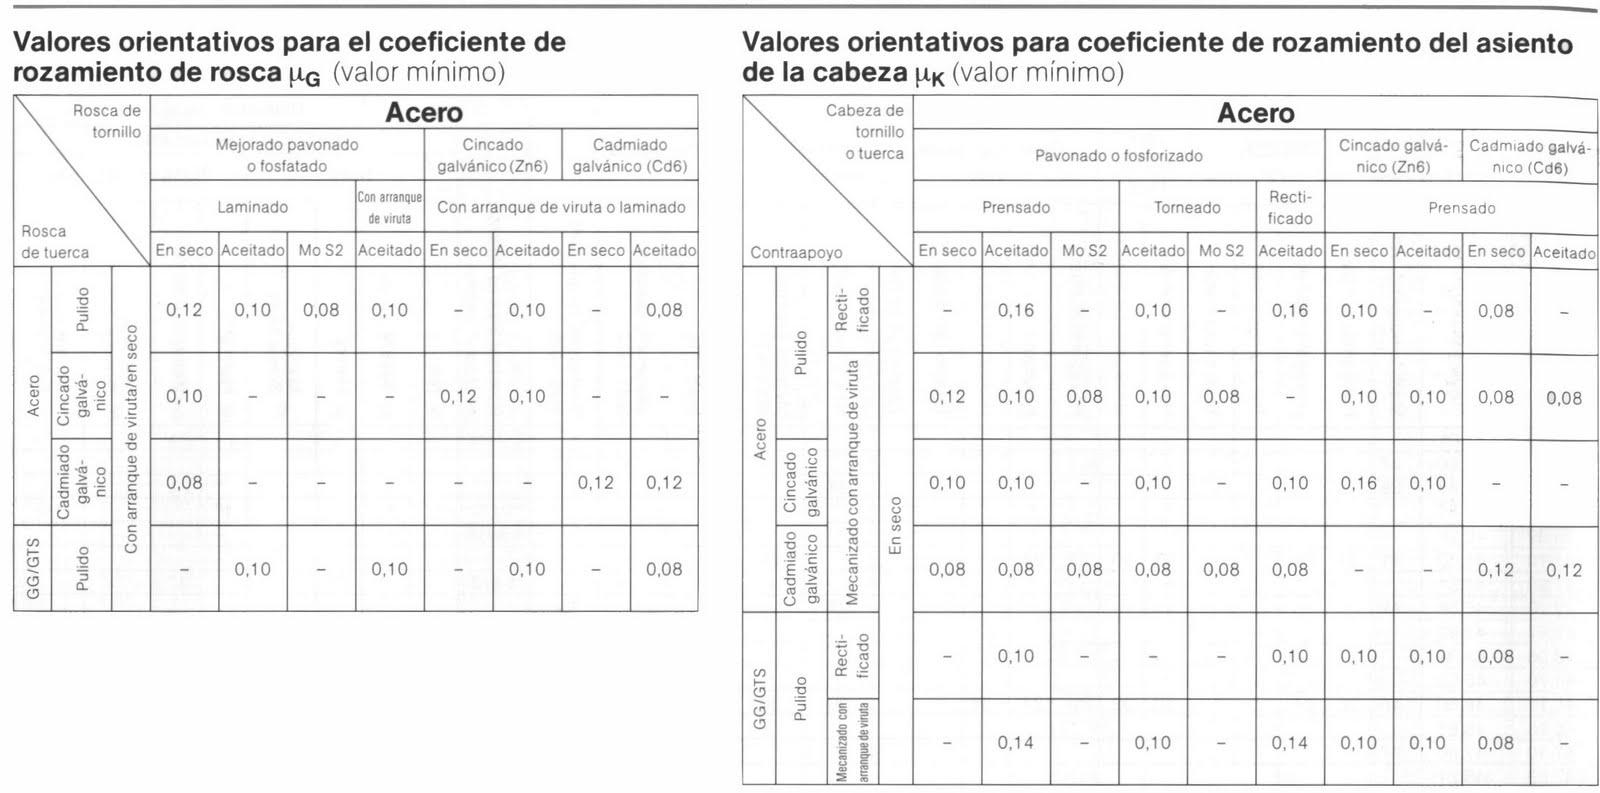 Guia practica para el conocimiento y manejo de herramientas como usar la tabla de torques